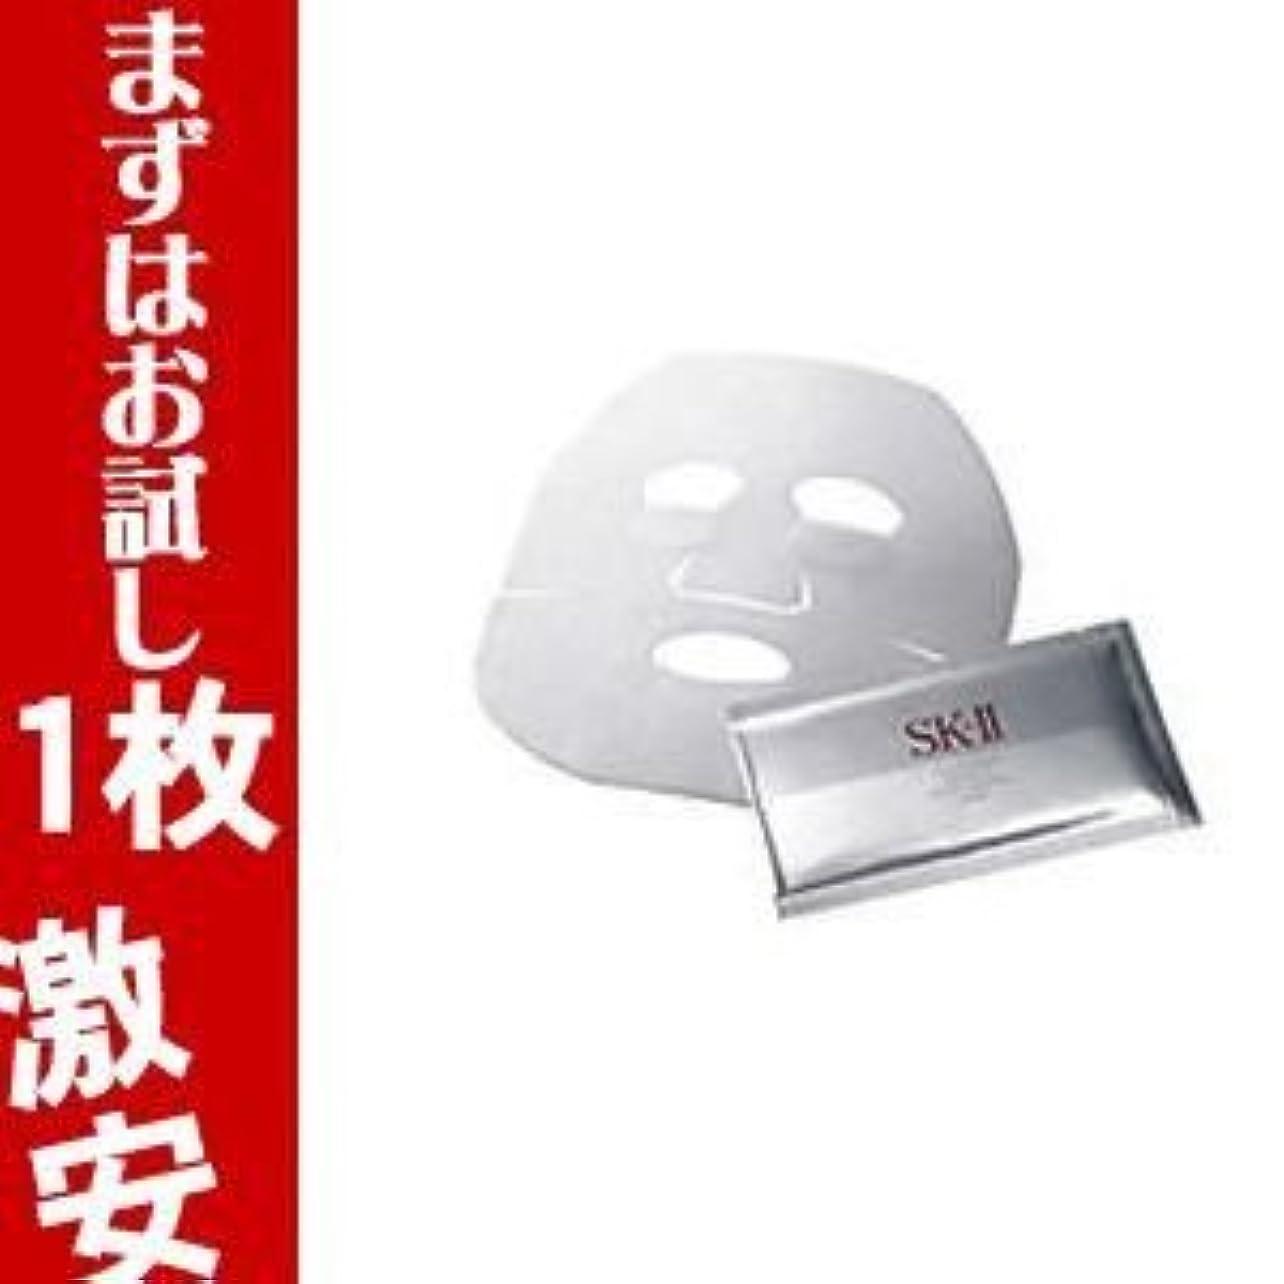 パール重荷想定【SK-II SK-2】 ホワイトニングソース ダーム リバイバル マスク 1枚  【箱なし】